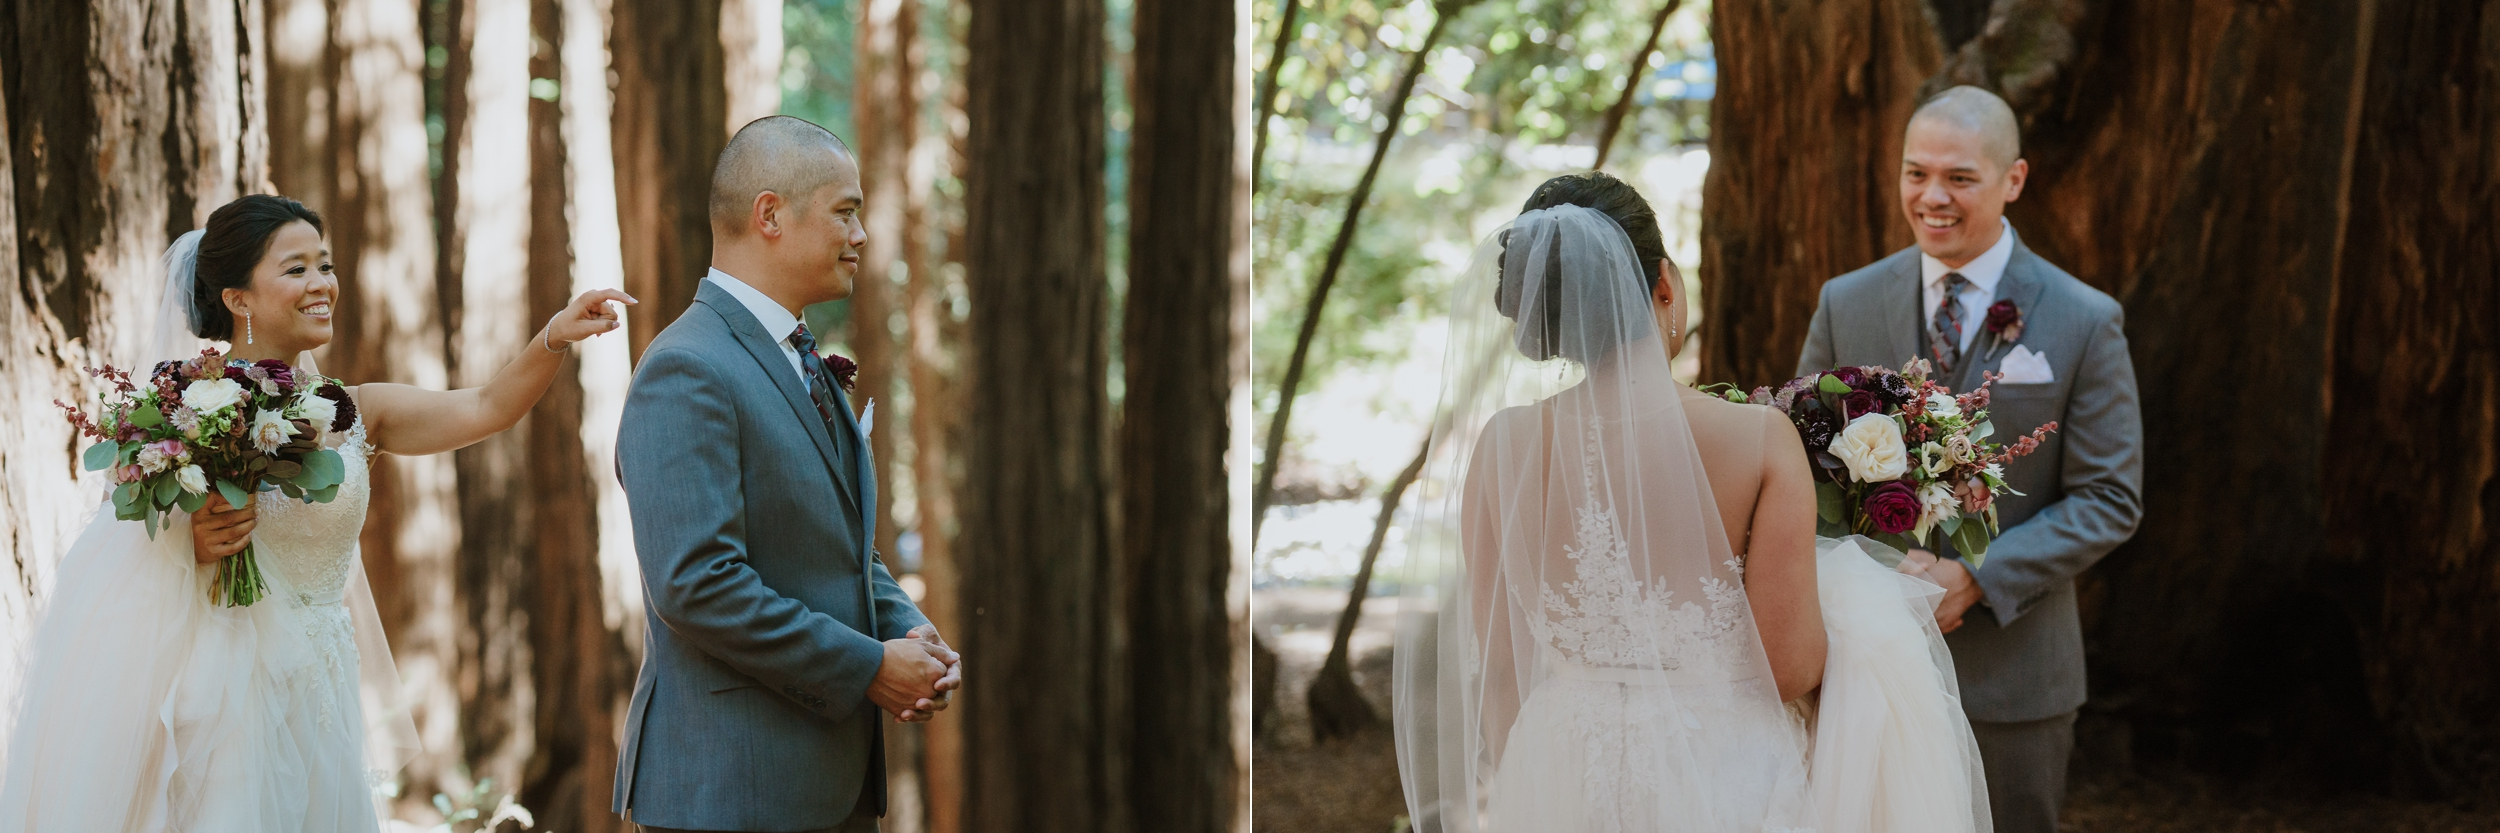 17-old-mill-park-mill-valley-community-center-wedding-vivianchen-183_WEB.jpg